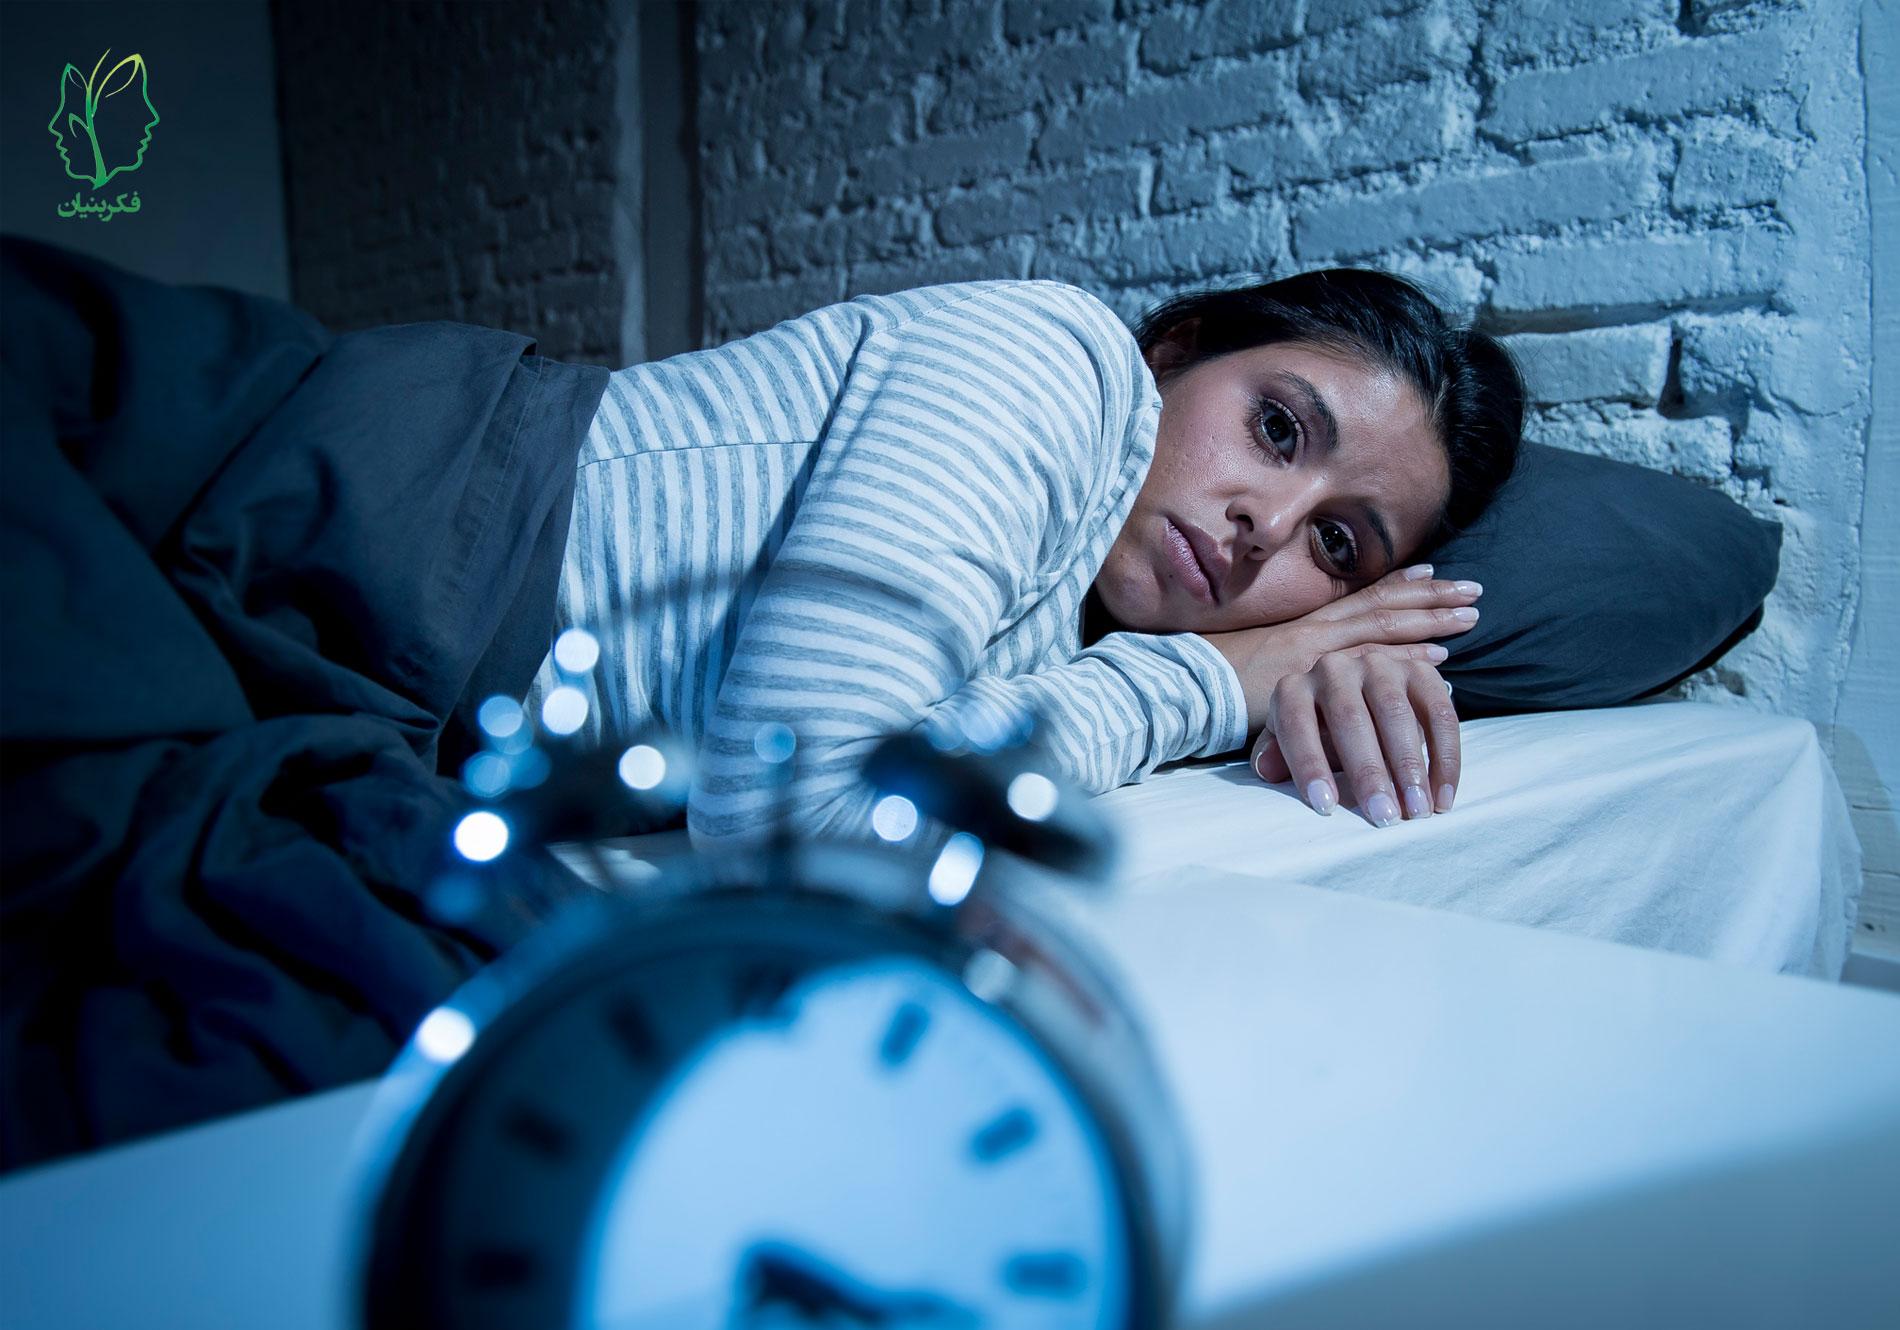 عواملی که باعث بیخوابی میشوند